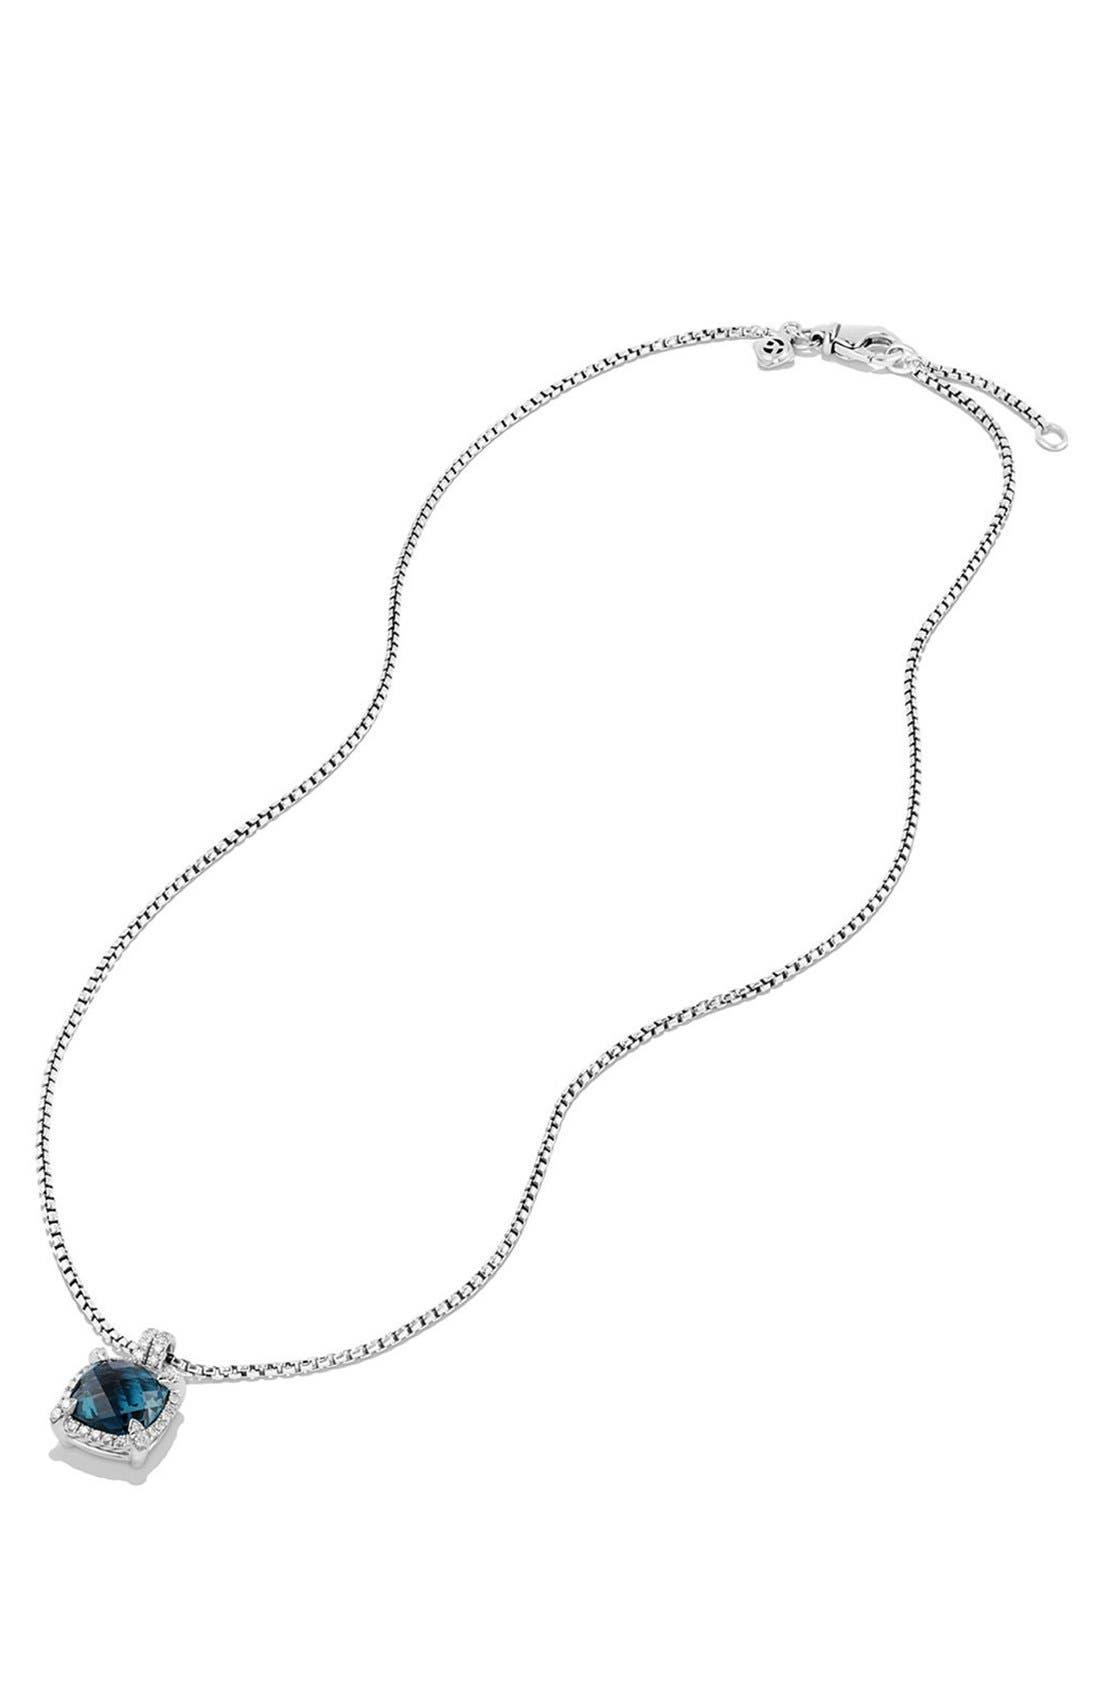 'Châtelaine' Small Pavé Bezel Pendant Necklace with Diamonds,                             Alternate thumbnail 3, color,                             Blue Topaz